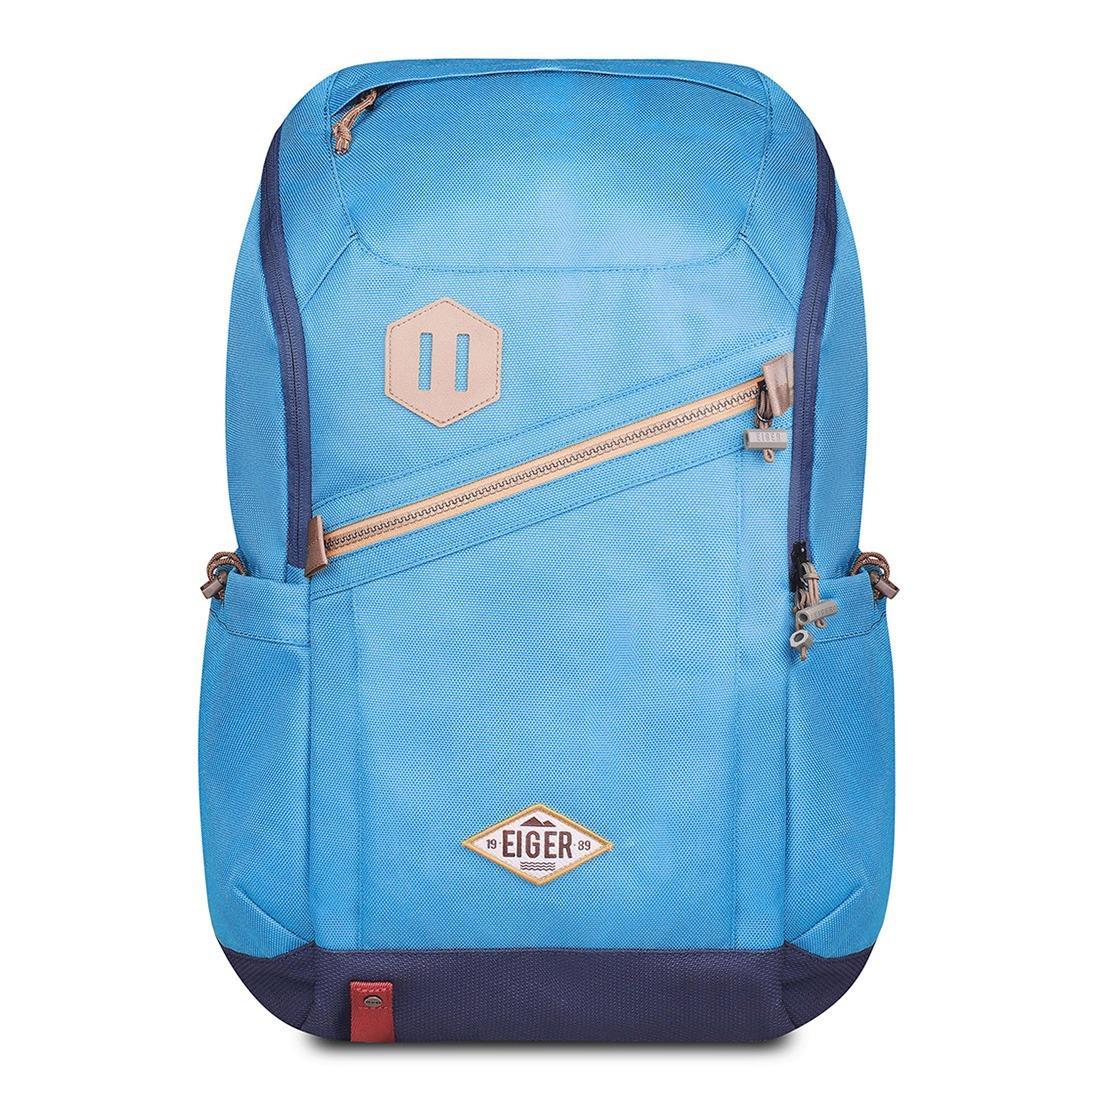 Eiger 1989 Coaster Laptop Backpack 28L - Blue